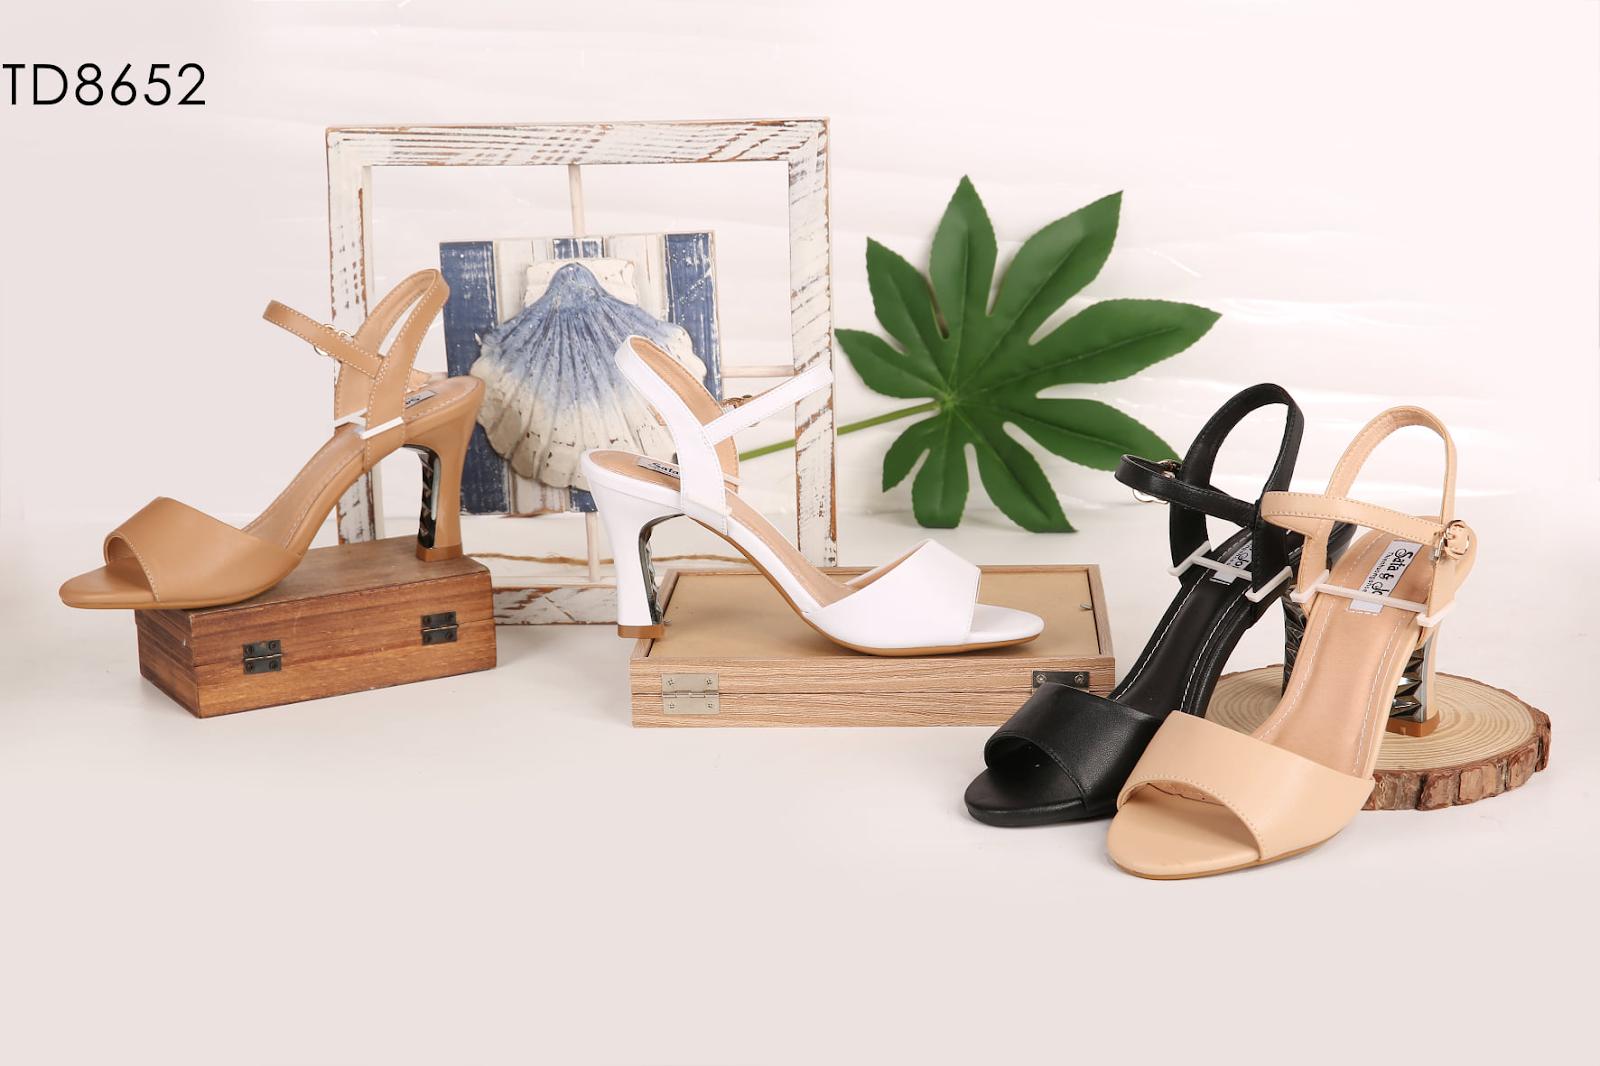 Nhiều địa chỉ sản xuất giày da xuất hiện trên thị trường